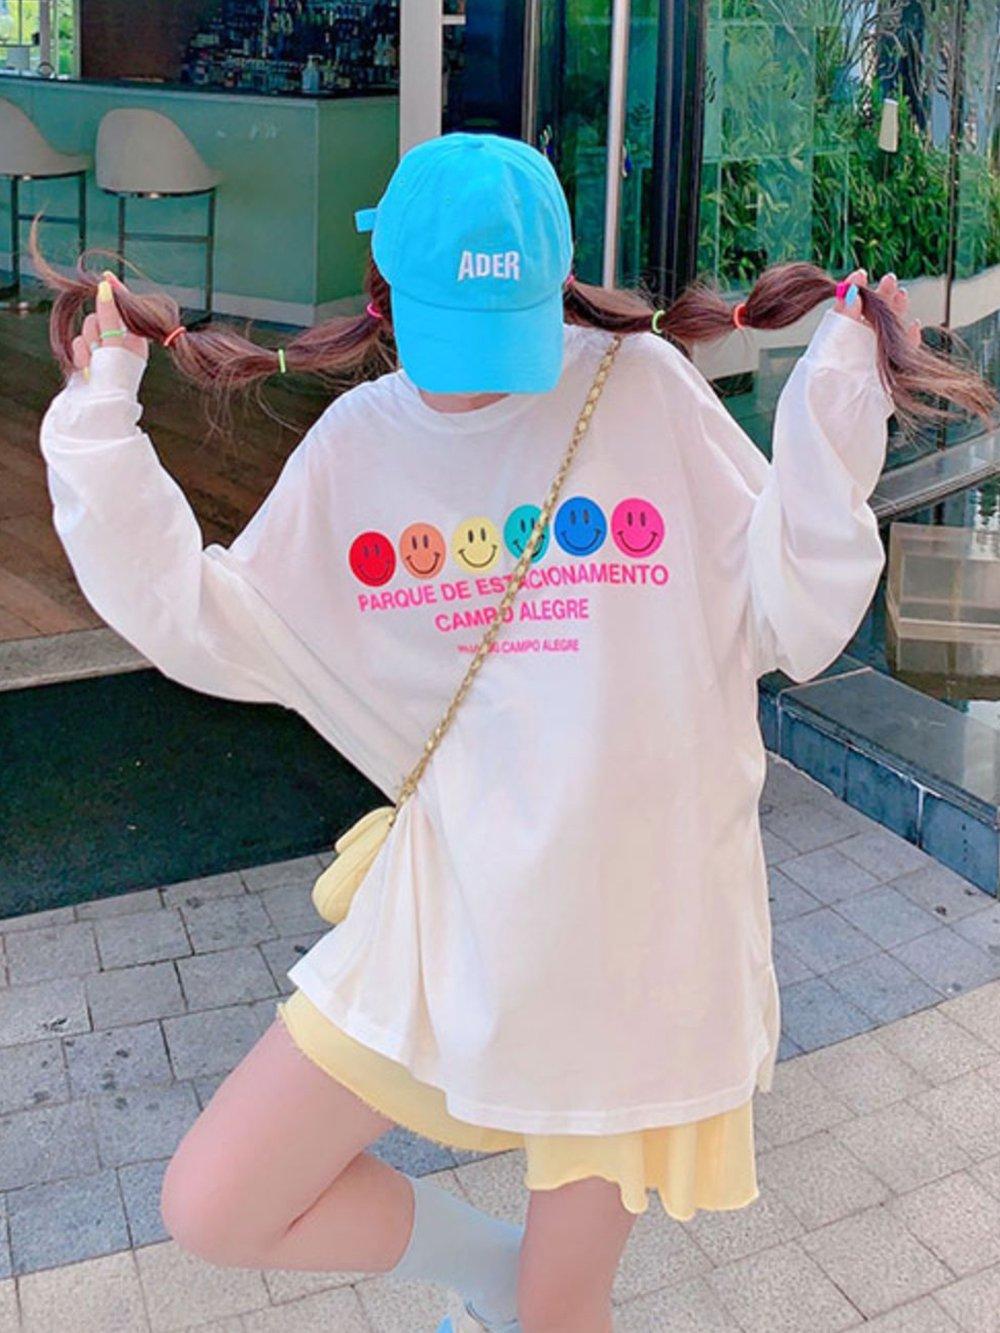 【広州仕入れ】ニコちゃんマークがポイント 長袖ラウンドネックオーバーサイズTシャツ